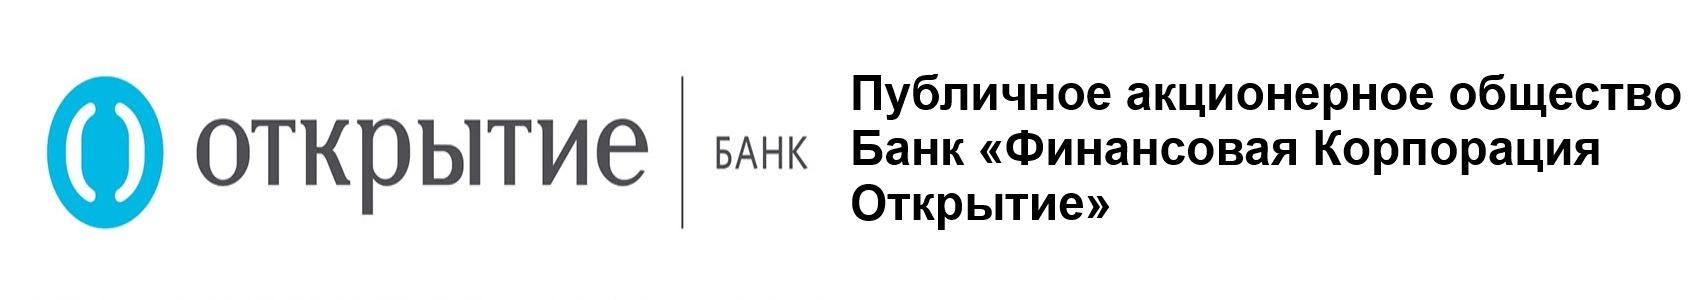 ФК Открытие